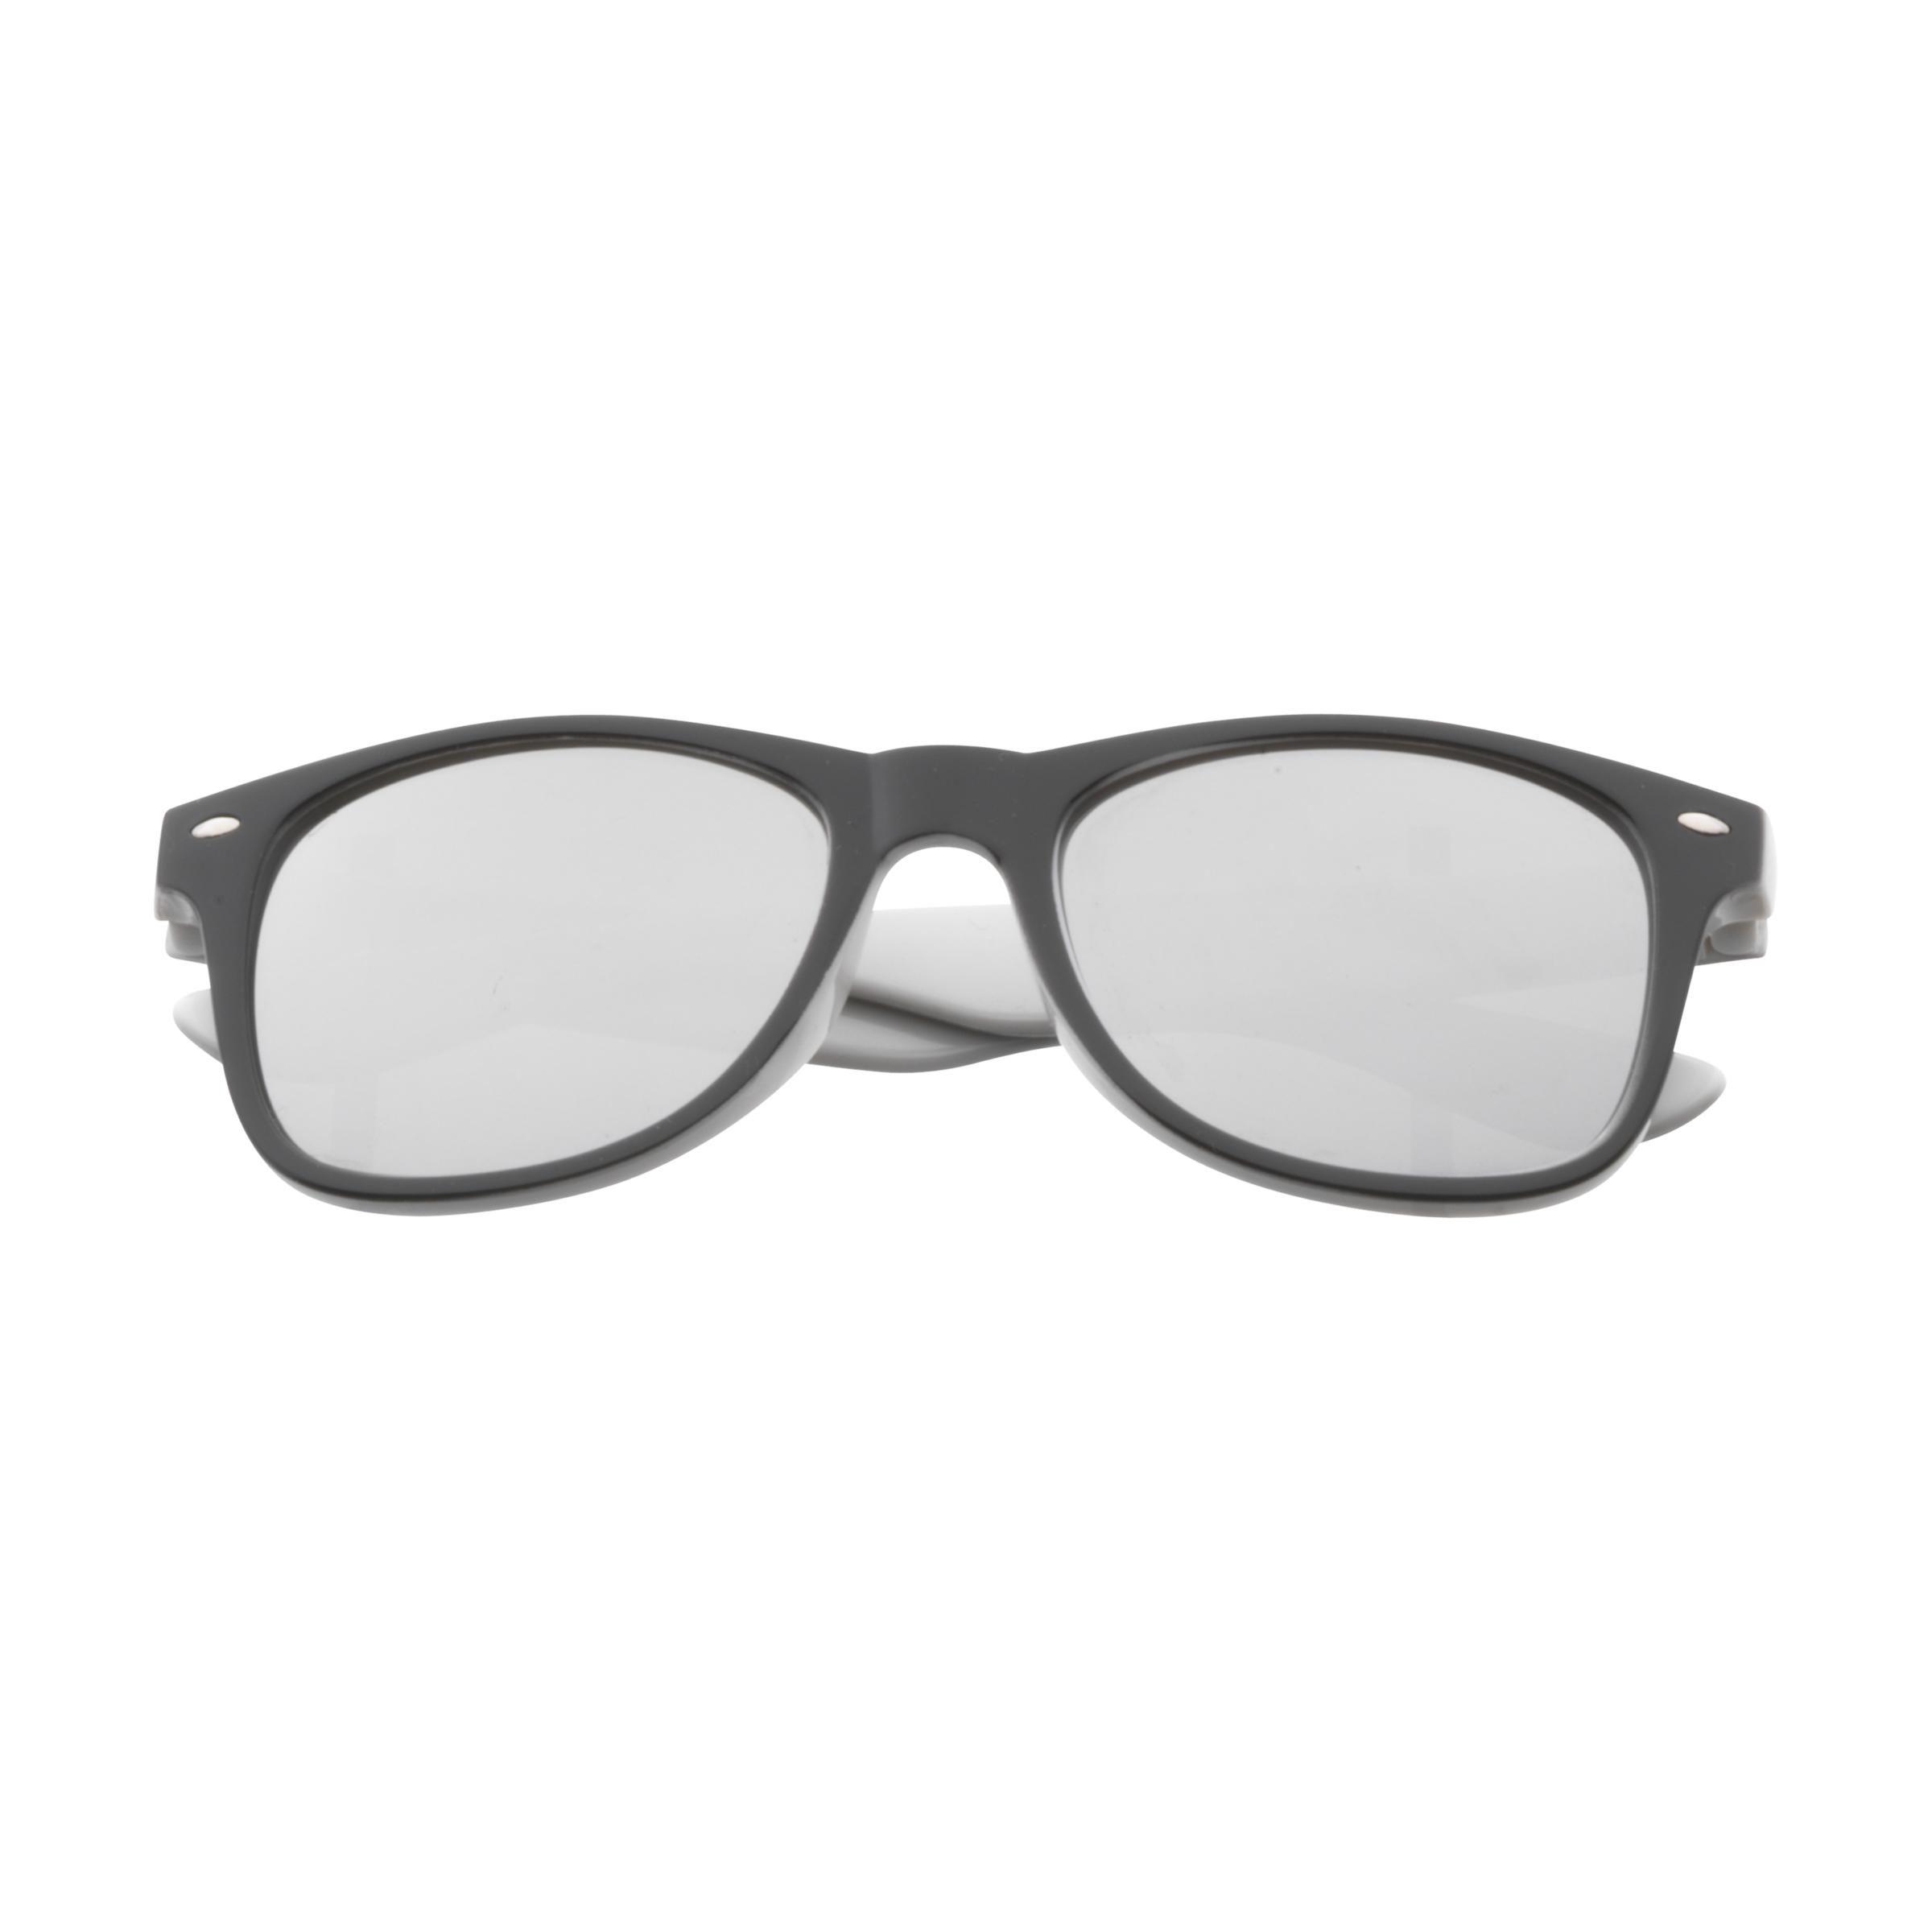 Occhiali da sole con lenti e montatura colorate helloprint - Occhiali con lenti a specchio colorate ...